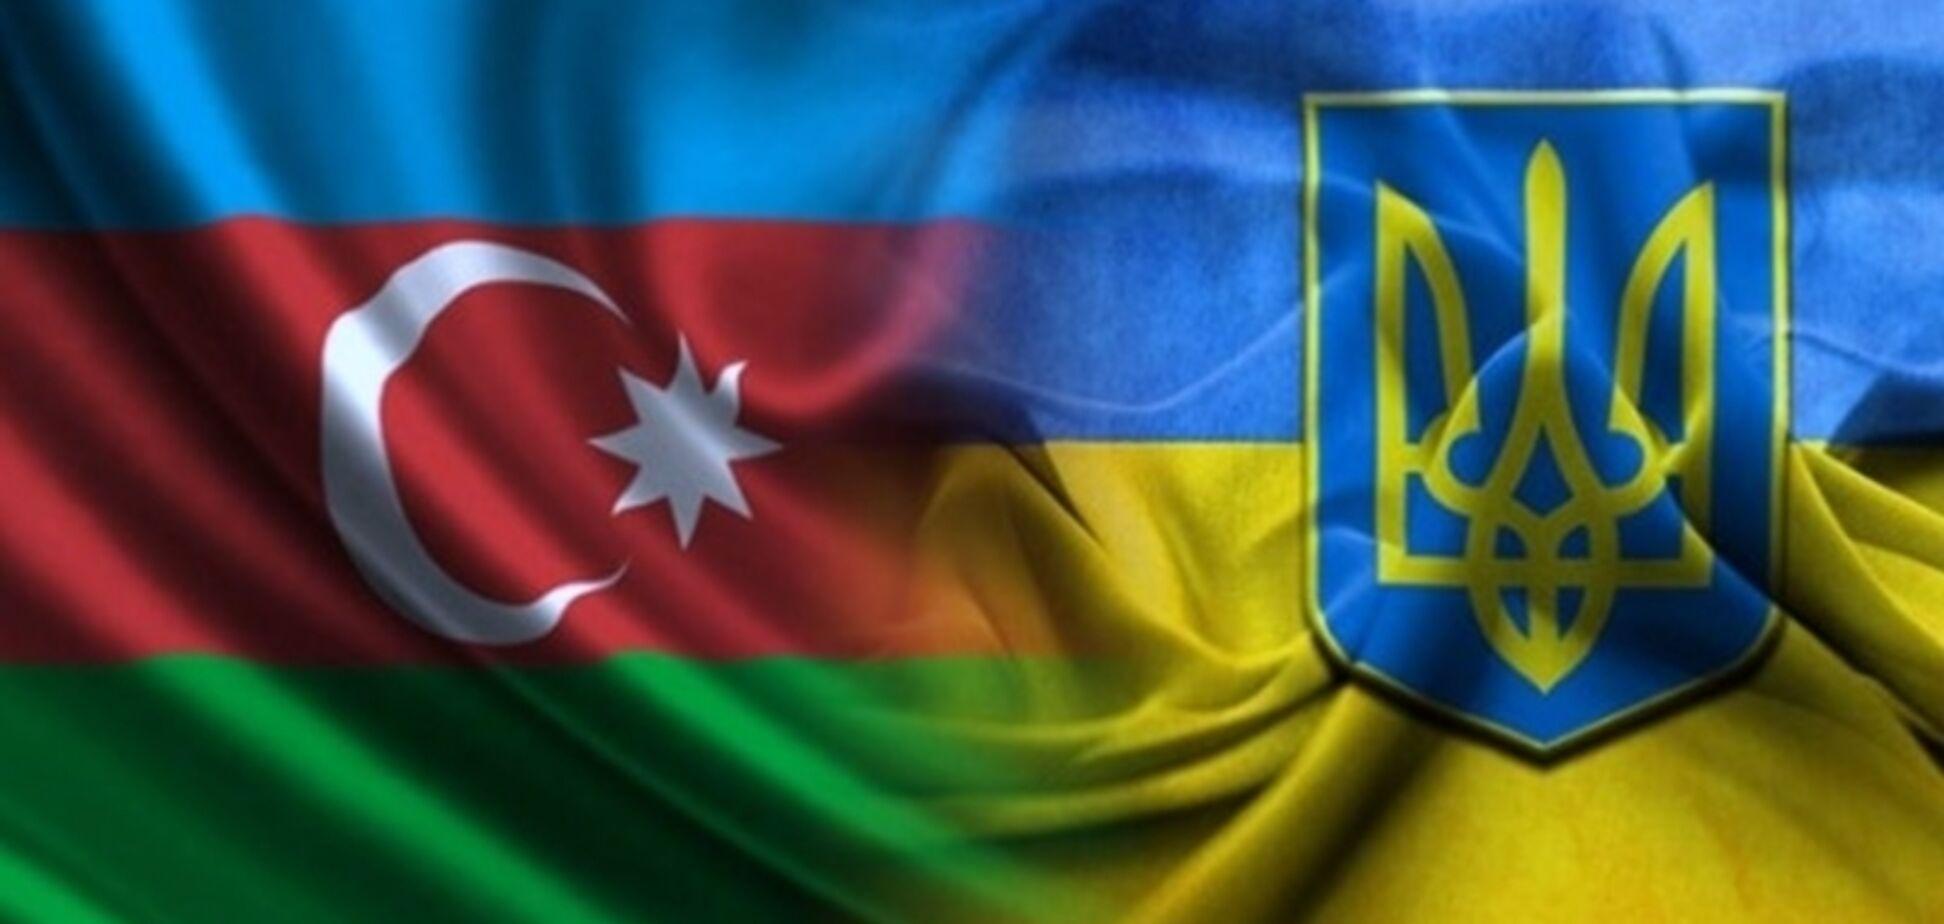 Киев-Баку. Альянс, который ускорит геополитическую руину Кремля